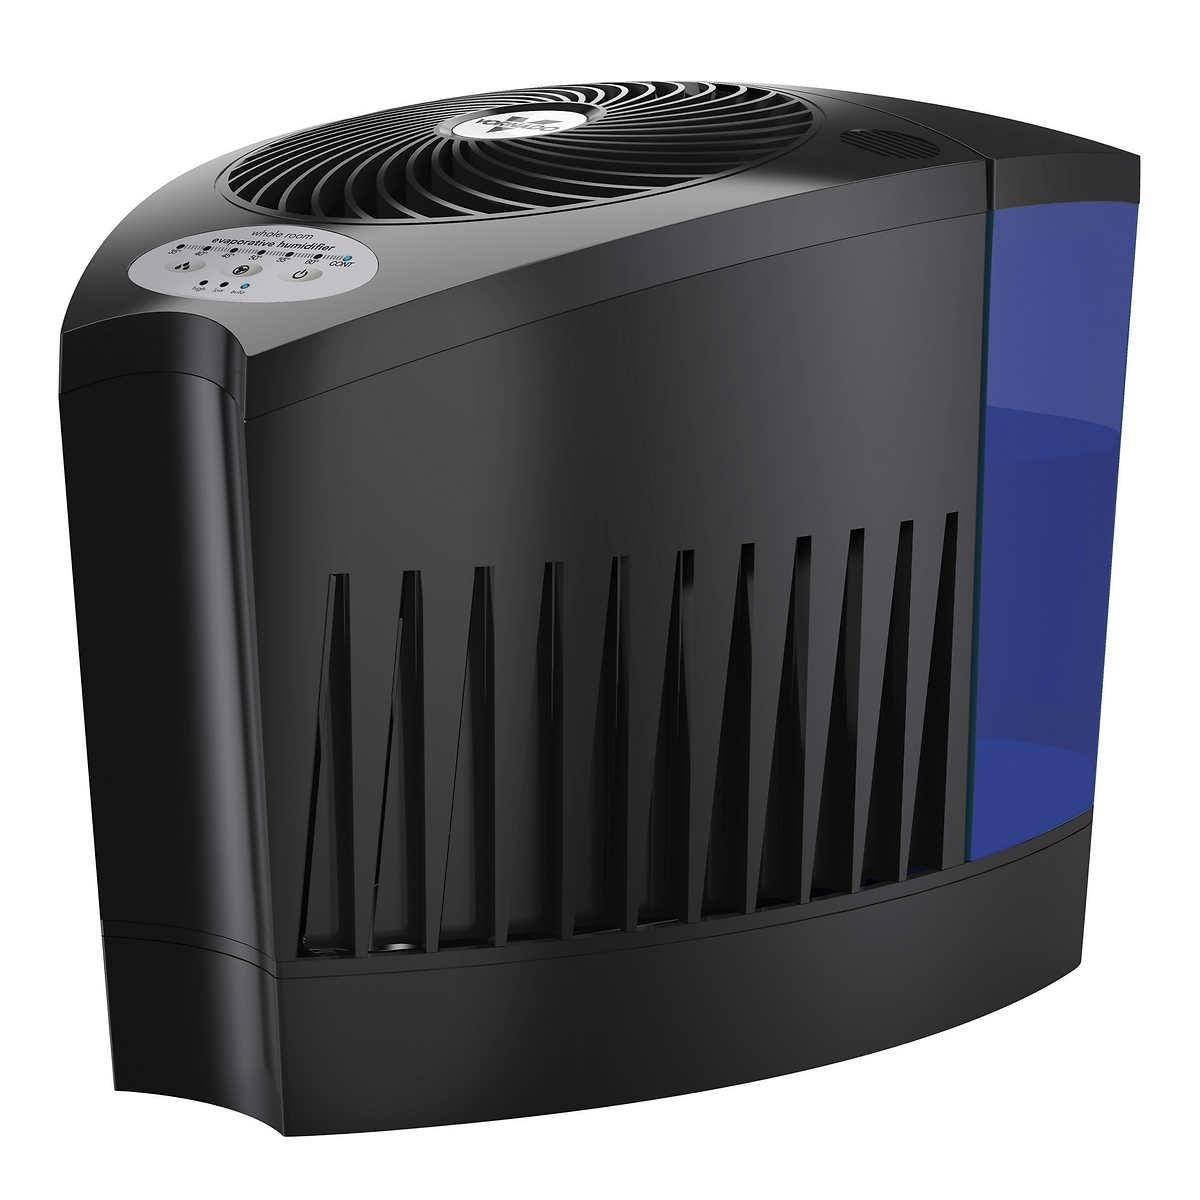 Vornado Whole Room Evaporative Humidifier with 4 Extra Humidifer Wicks Combo. Humidifiers   Costco